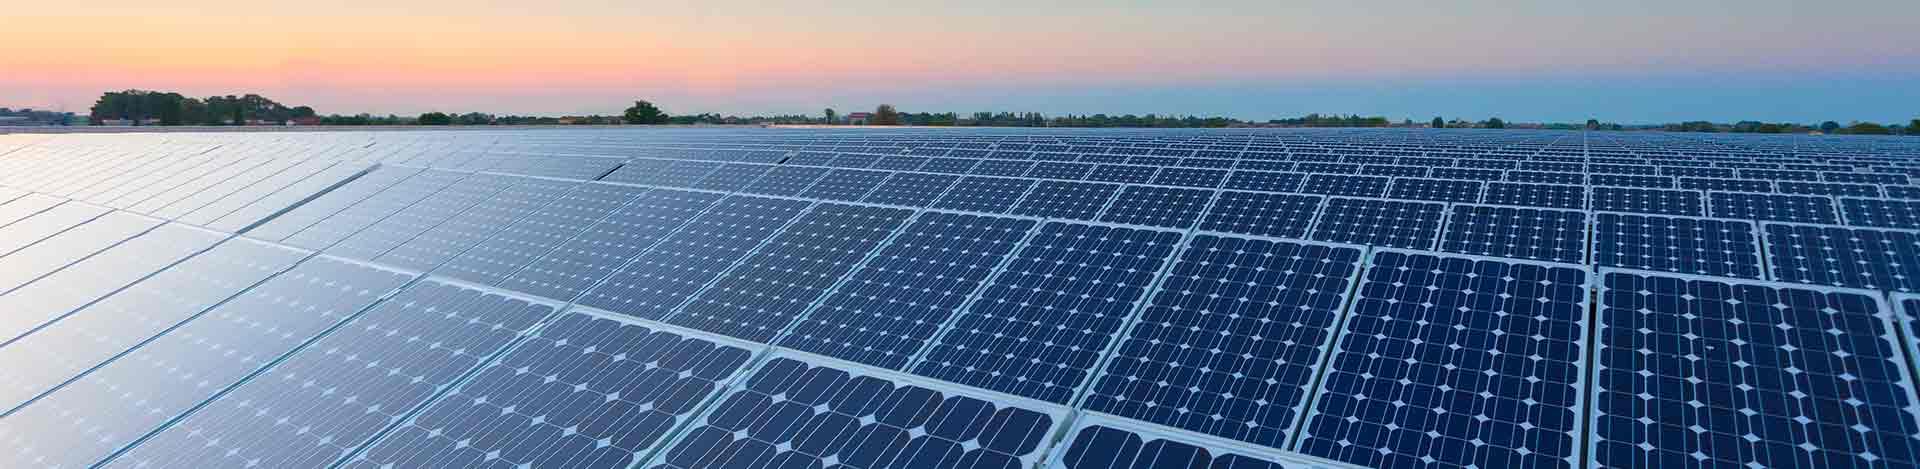 Installation solaire partout en France